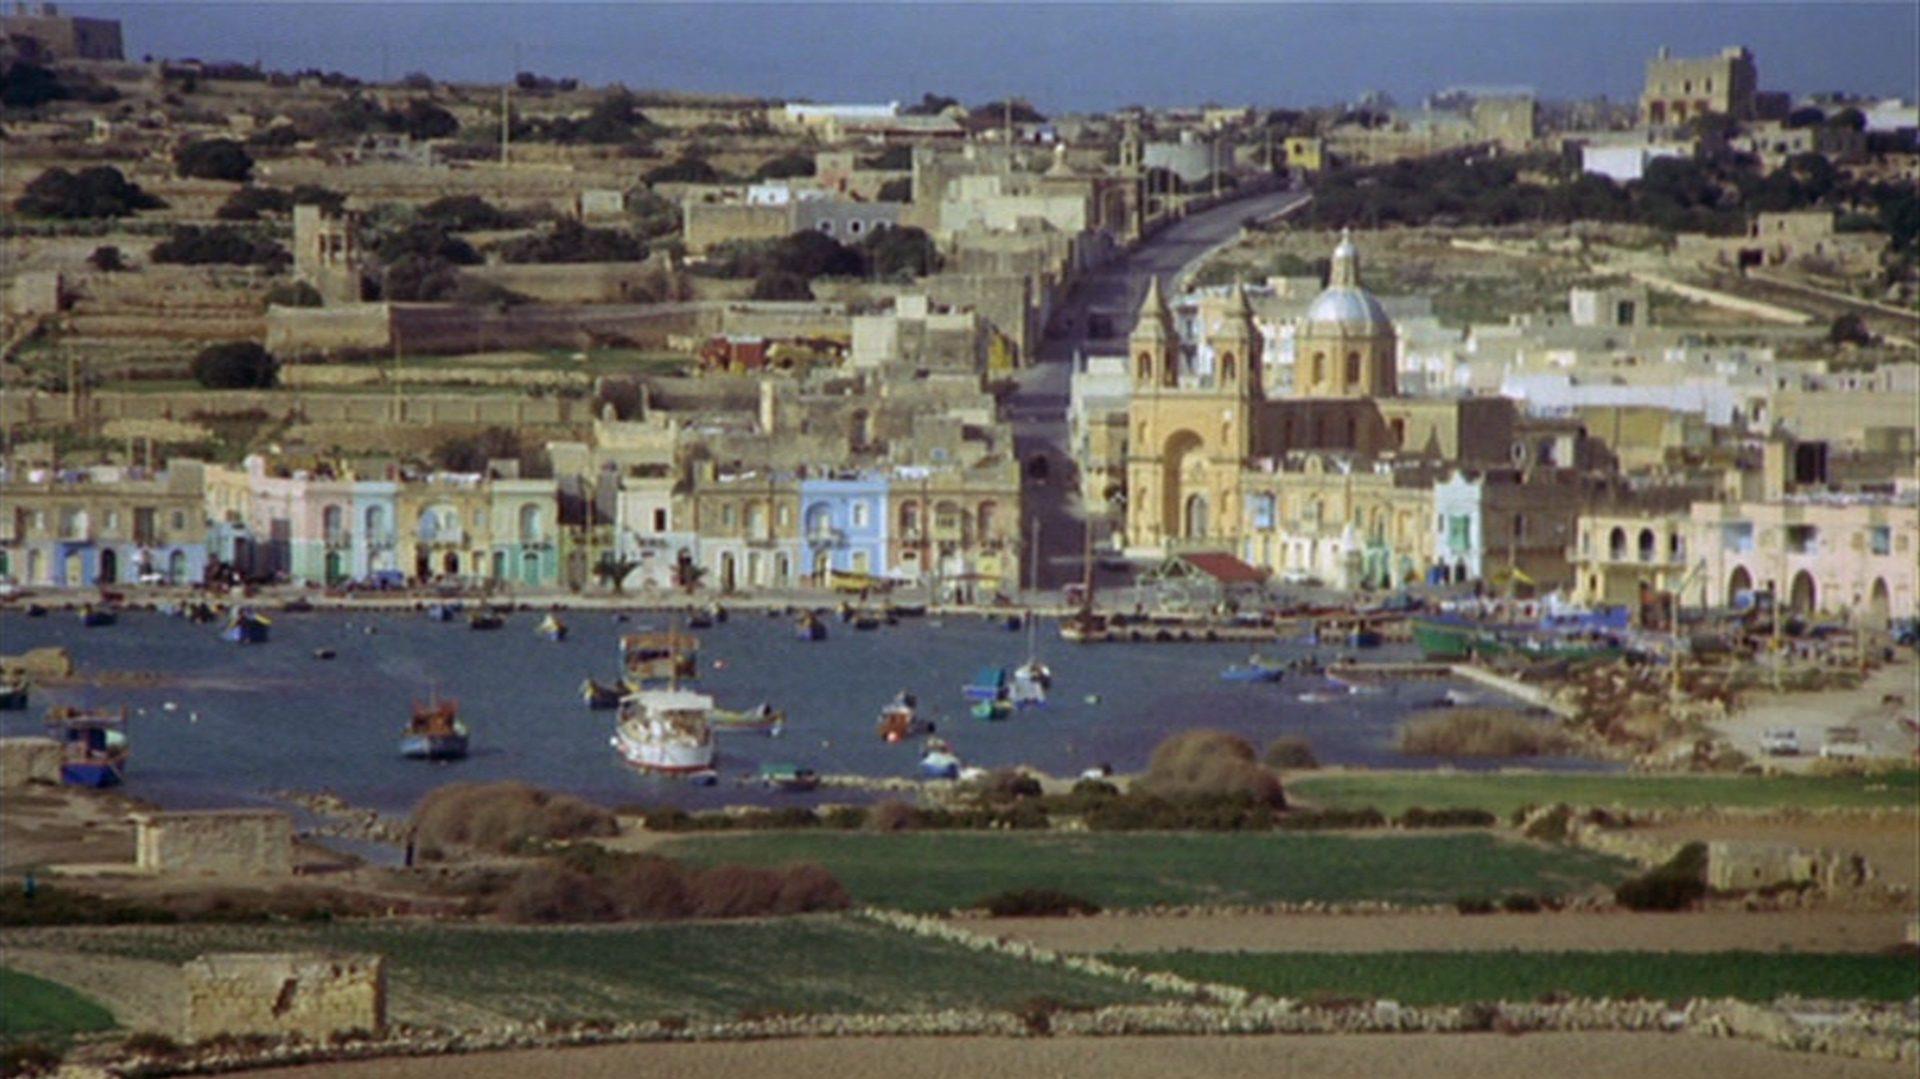 Blick auf einen mediterranen Ort.